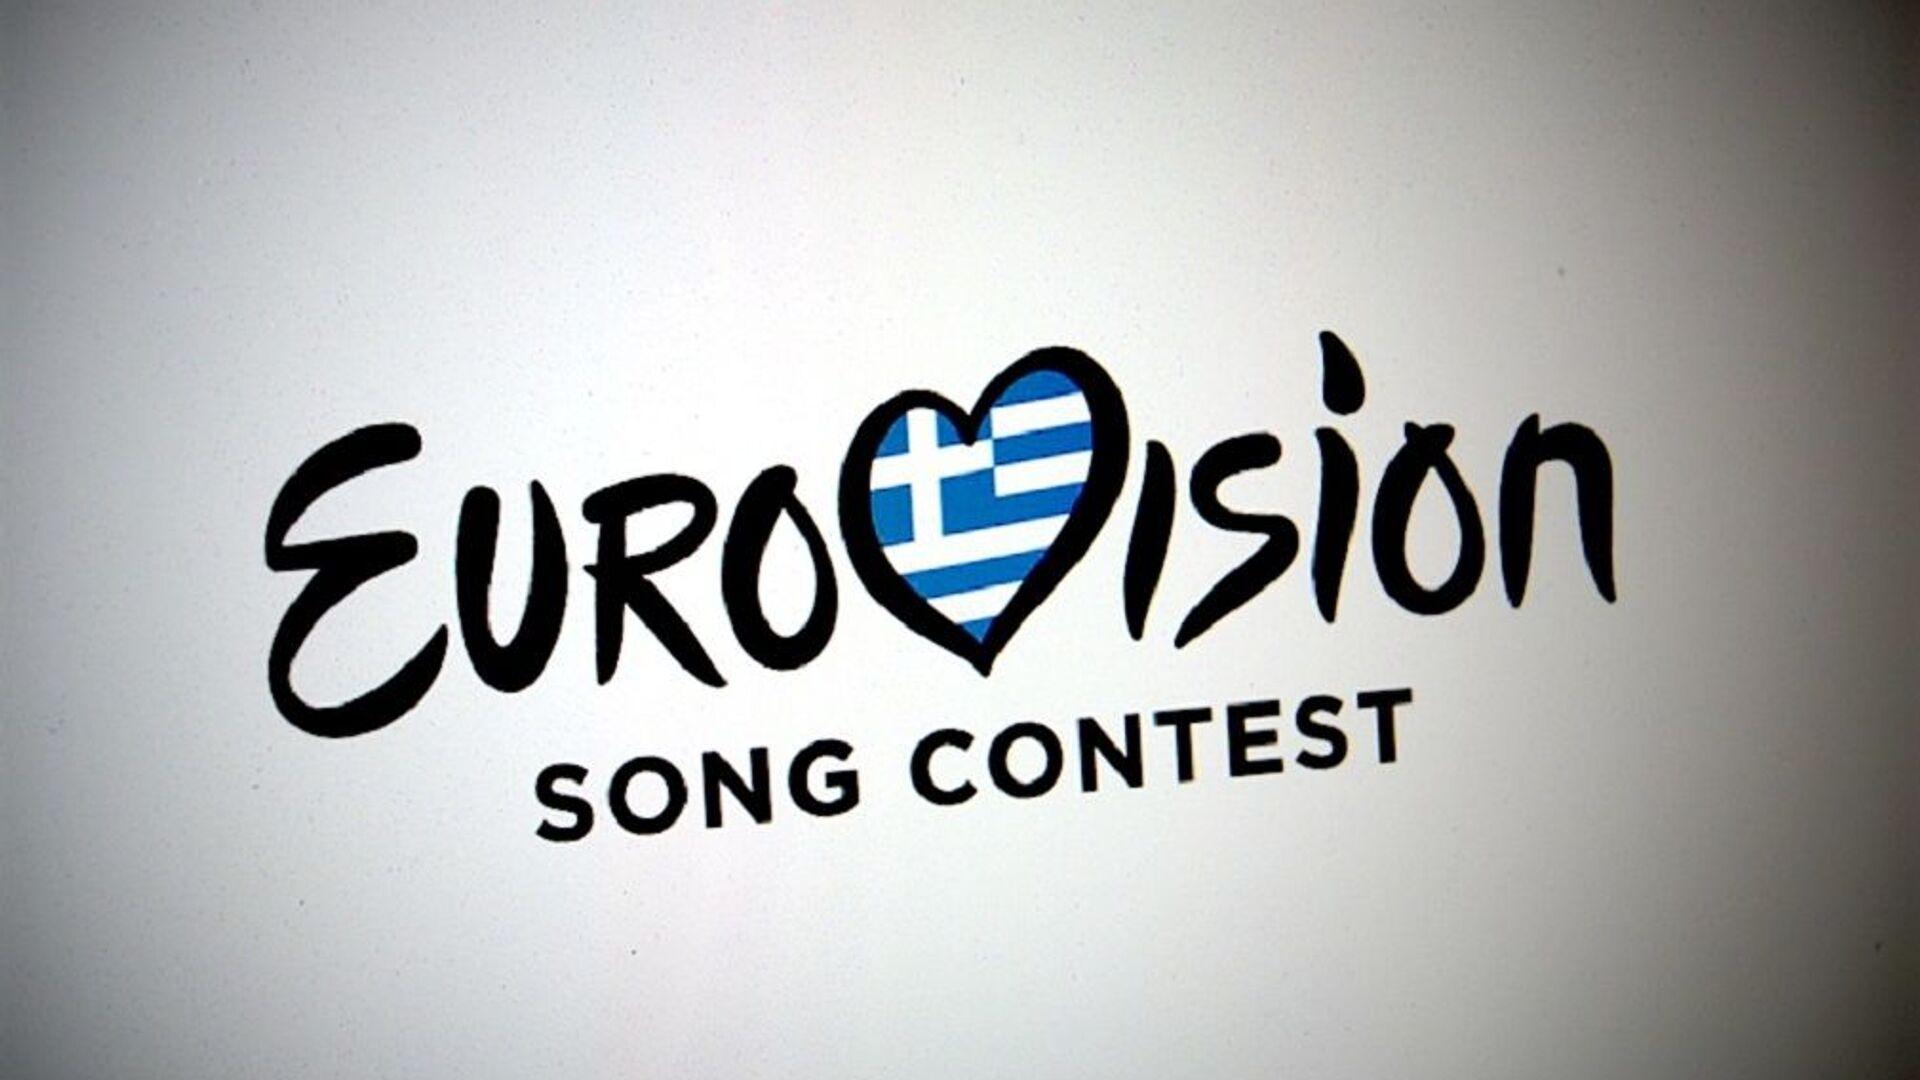 Το λογότυπο του διαγωνισμού τραγουδιού της Eurovision με την ελληνική σημαία στο κέντρο - Sputnik Ελλάδα, 1920, 10.10.2021